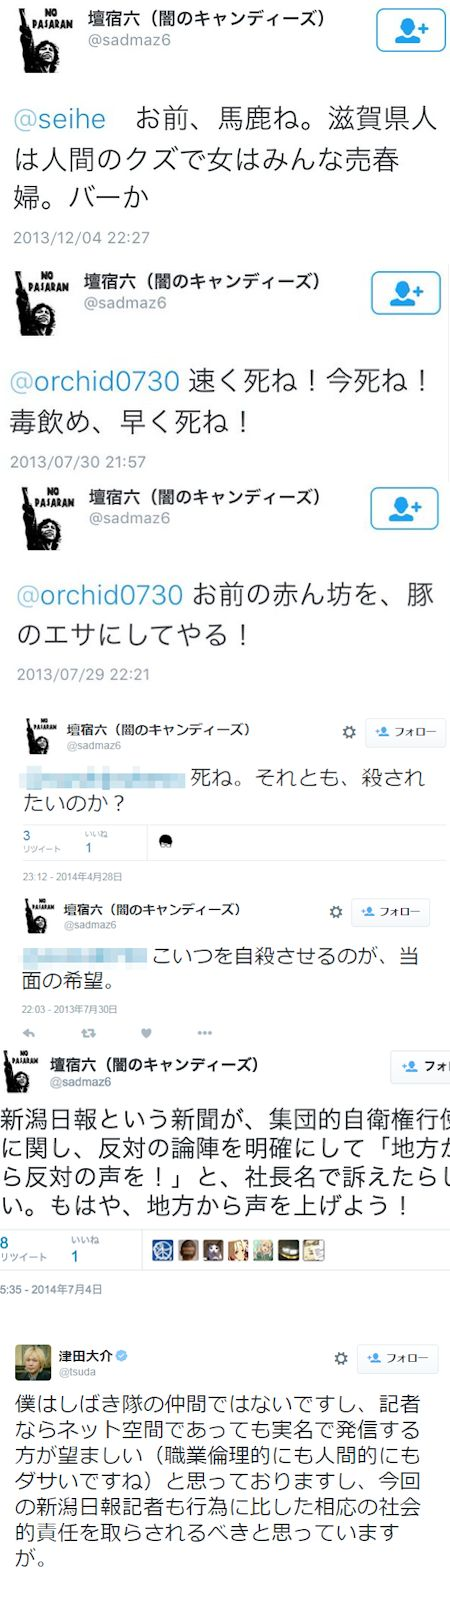 新潟日報は説明責任を果たせ - マスコミは「しばき隊」の存在を隠すな_c0315619_16461072.jpg